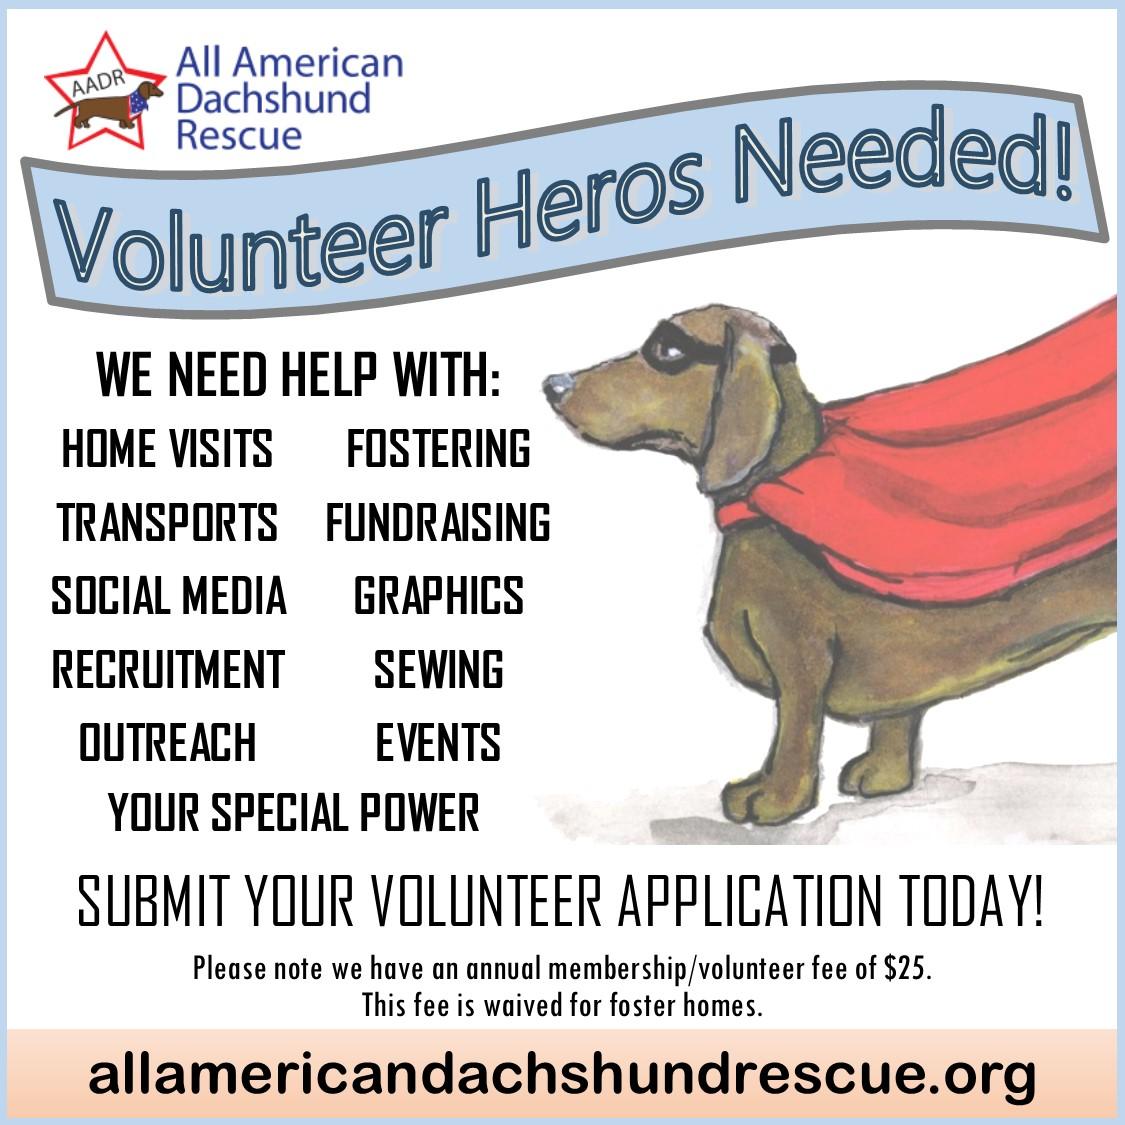 Volunteer Heros Needed Graphic